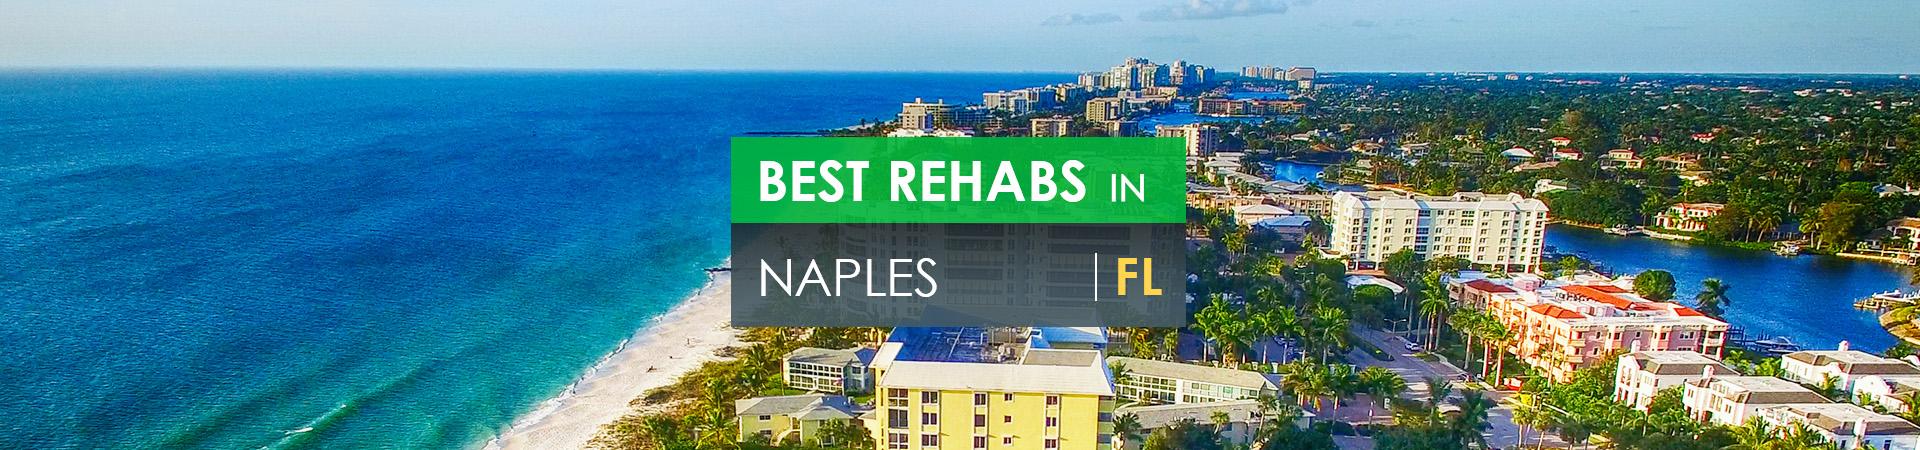 Best rehabs in Naples, FL